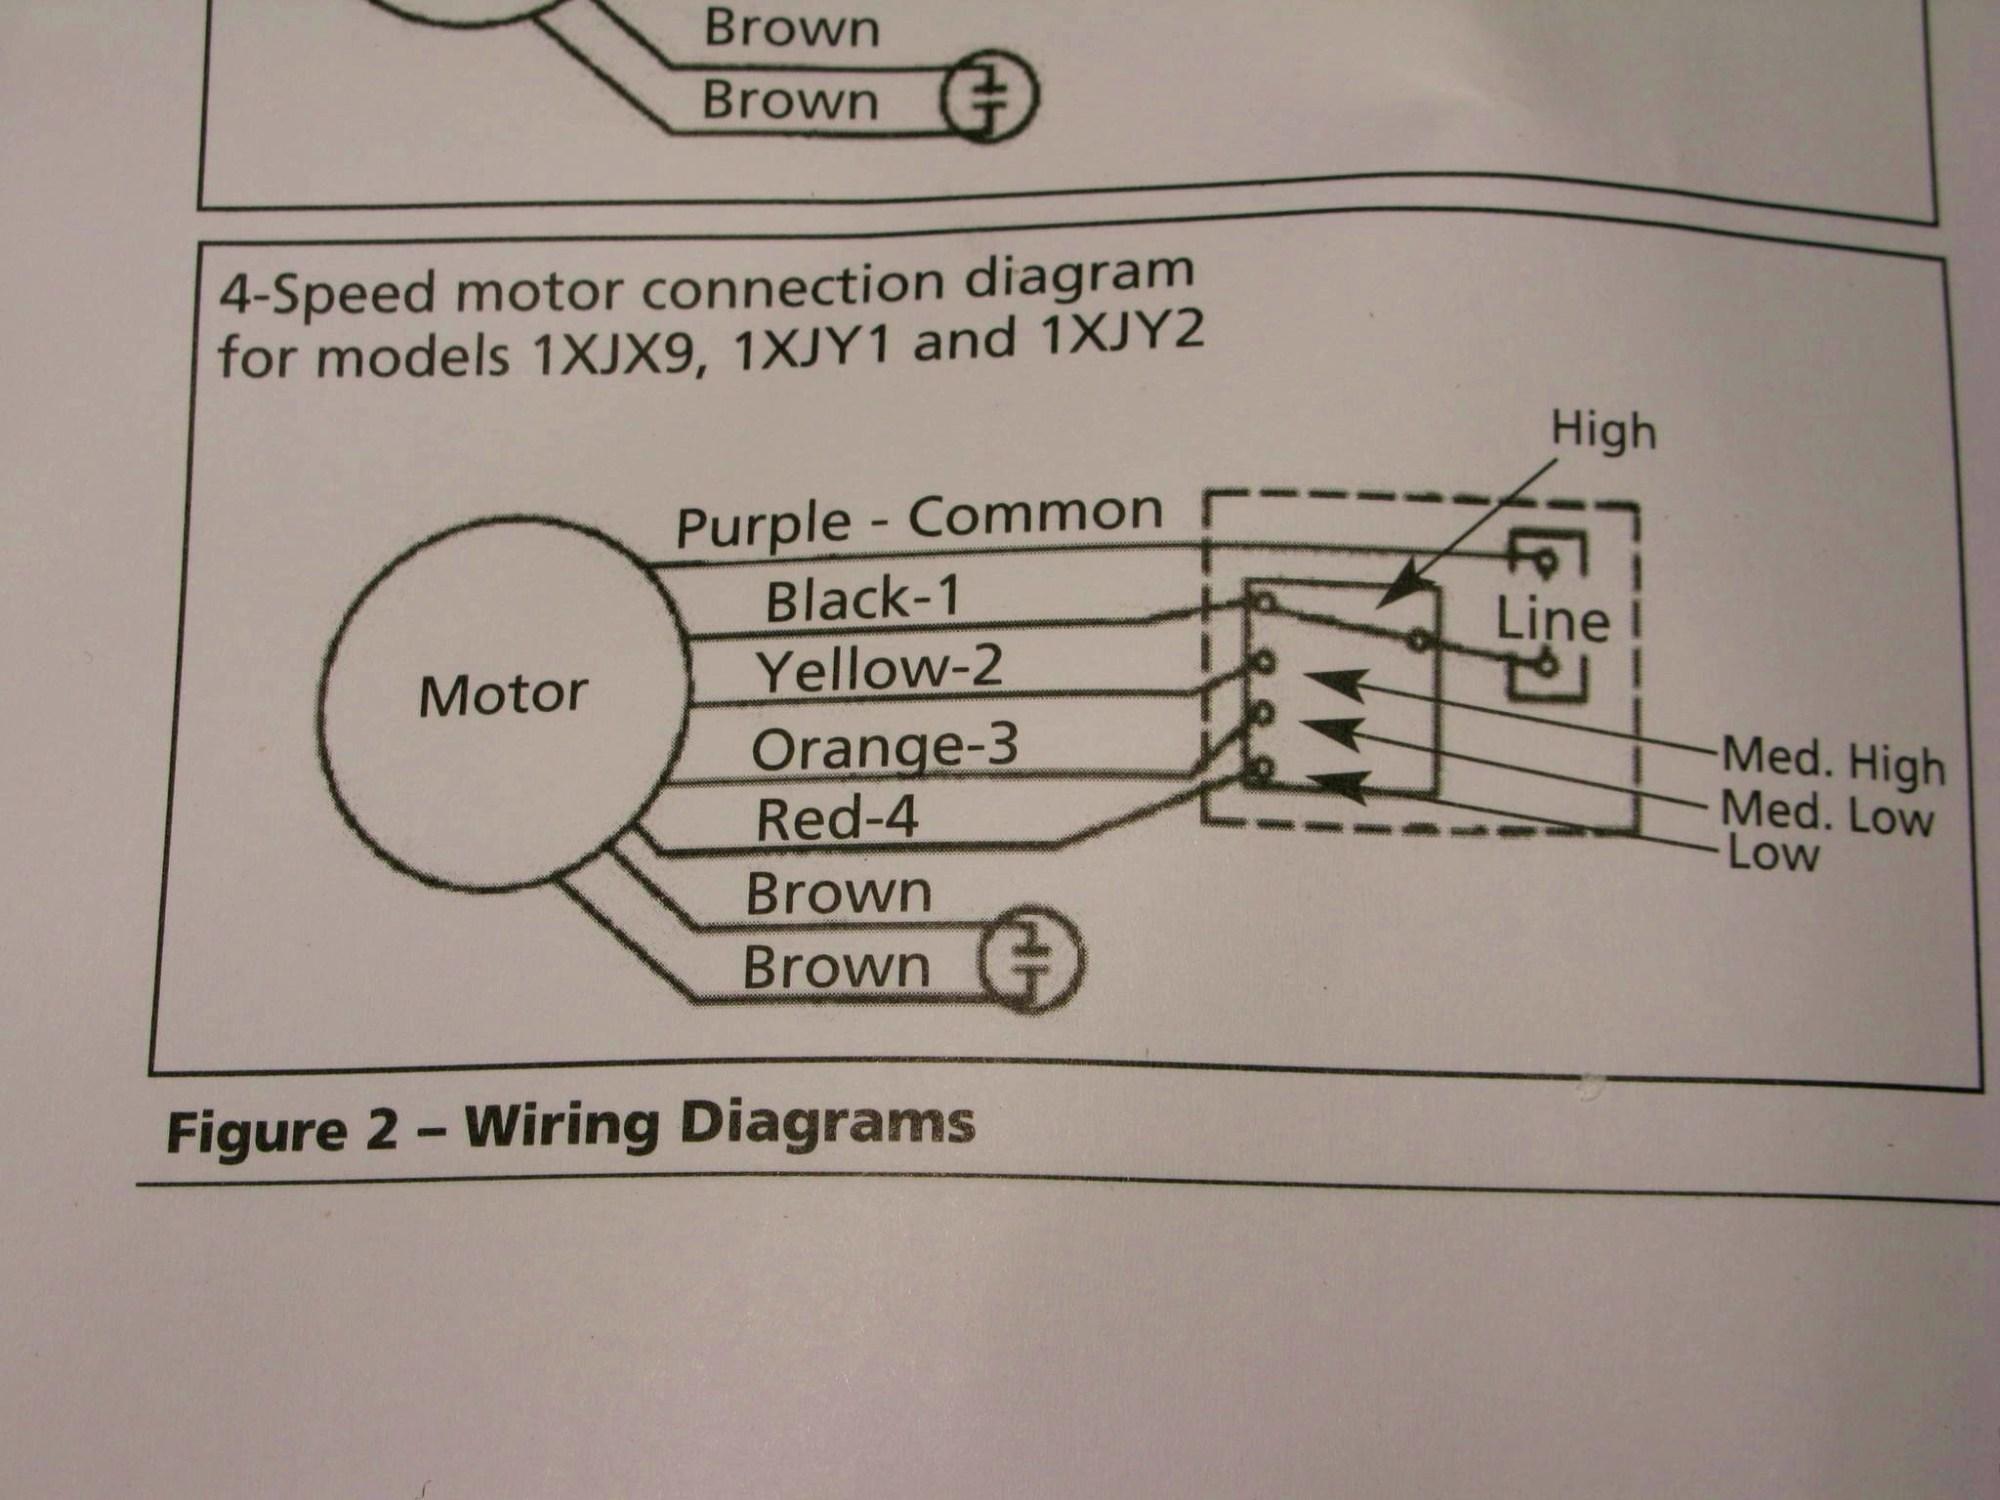 hight resolution of baldor single phase motor wiring diagram baldor electric motor wiring diagram lovely 240v single phase